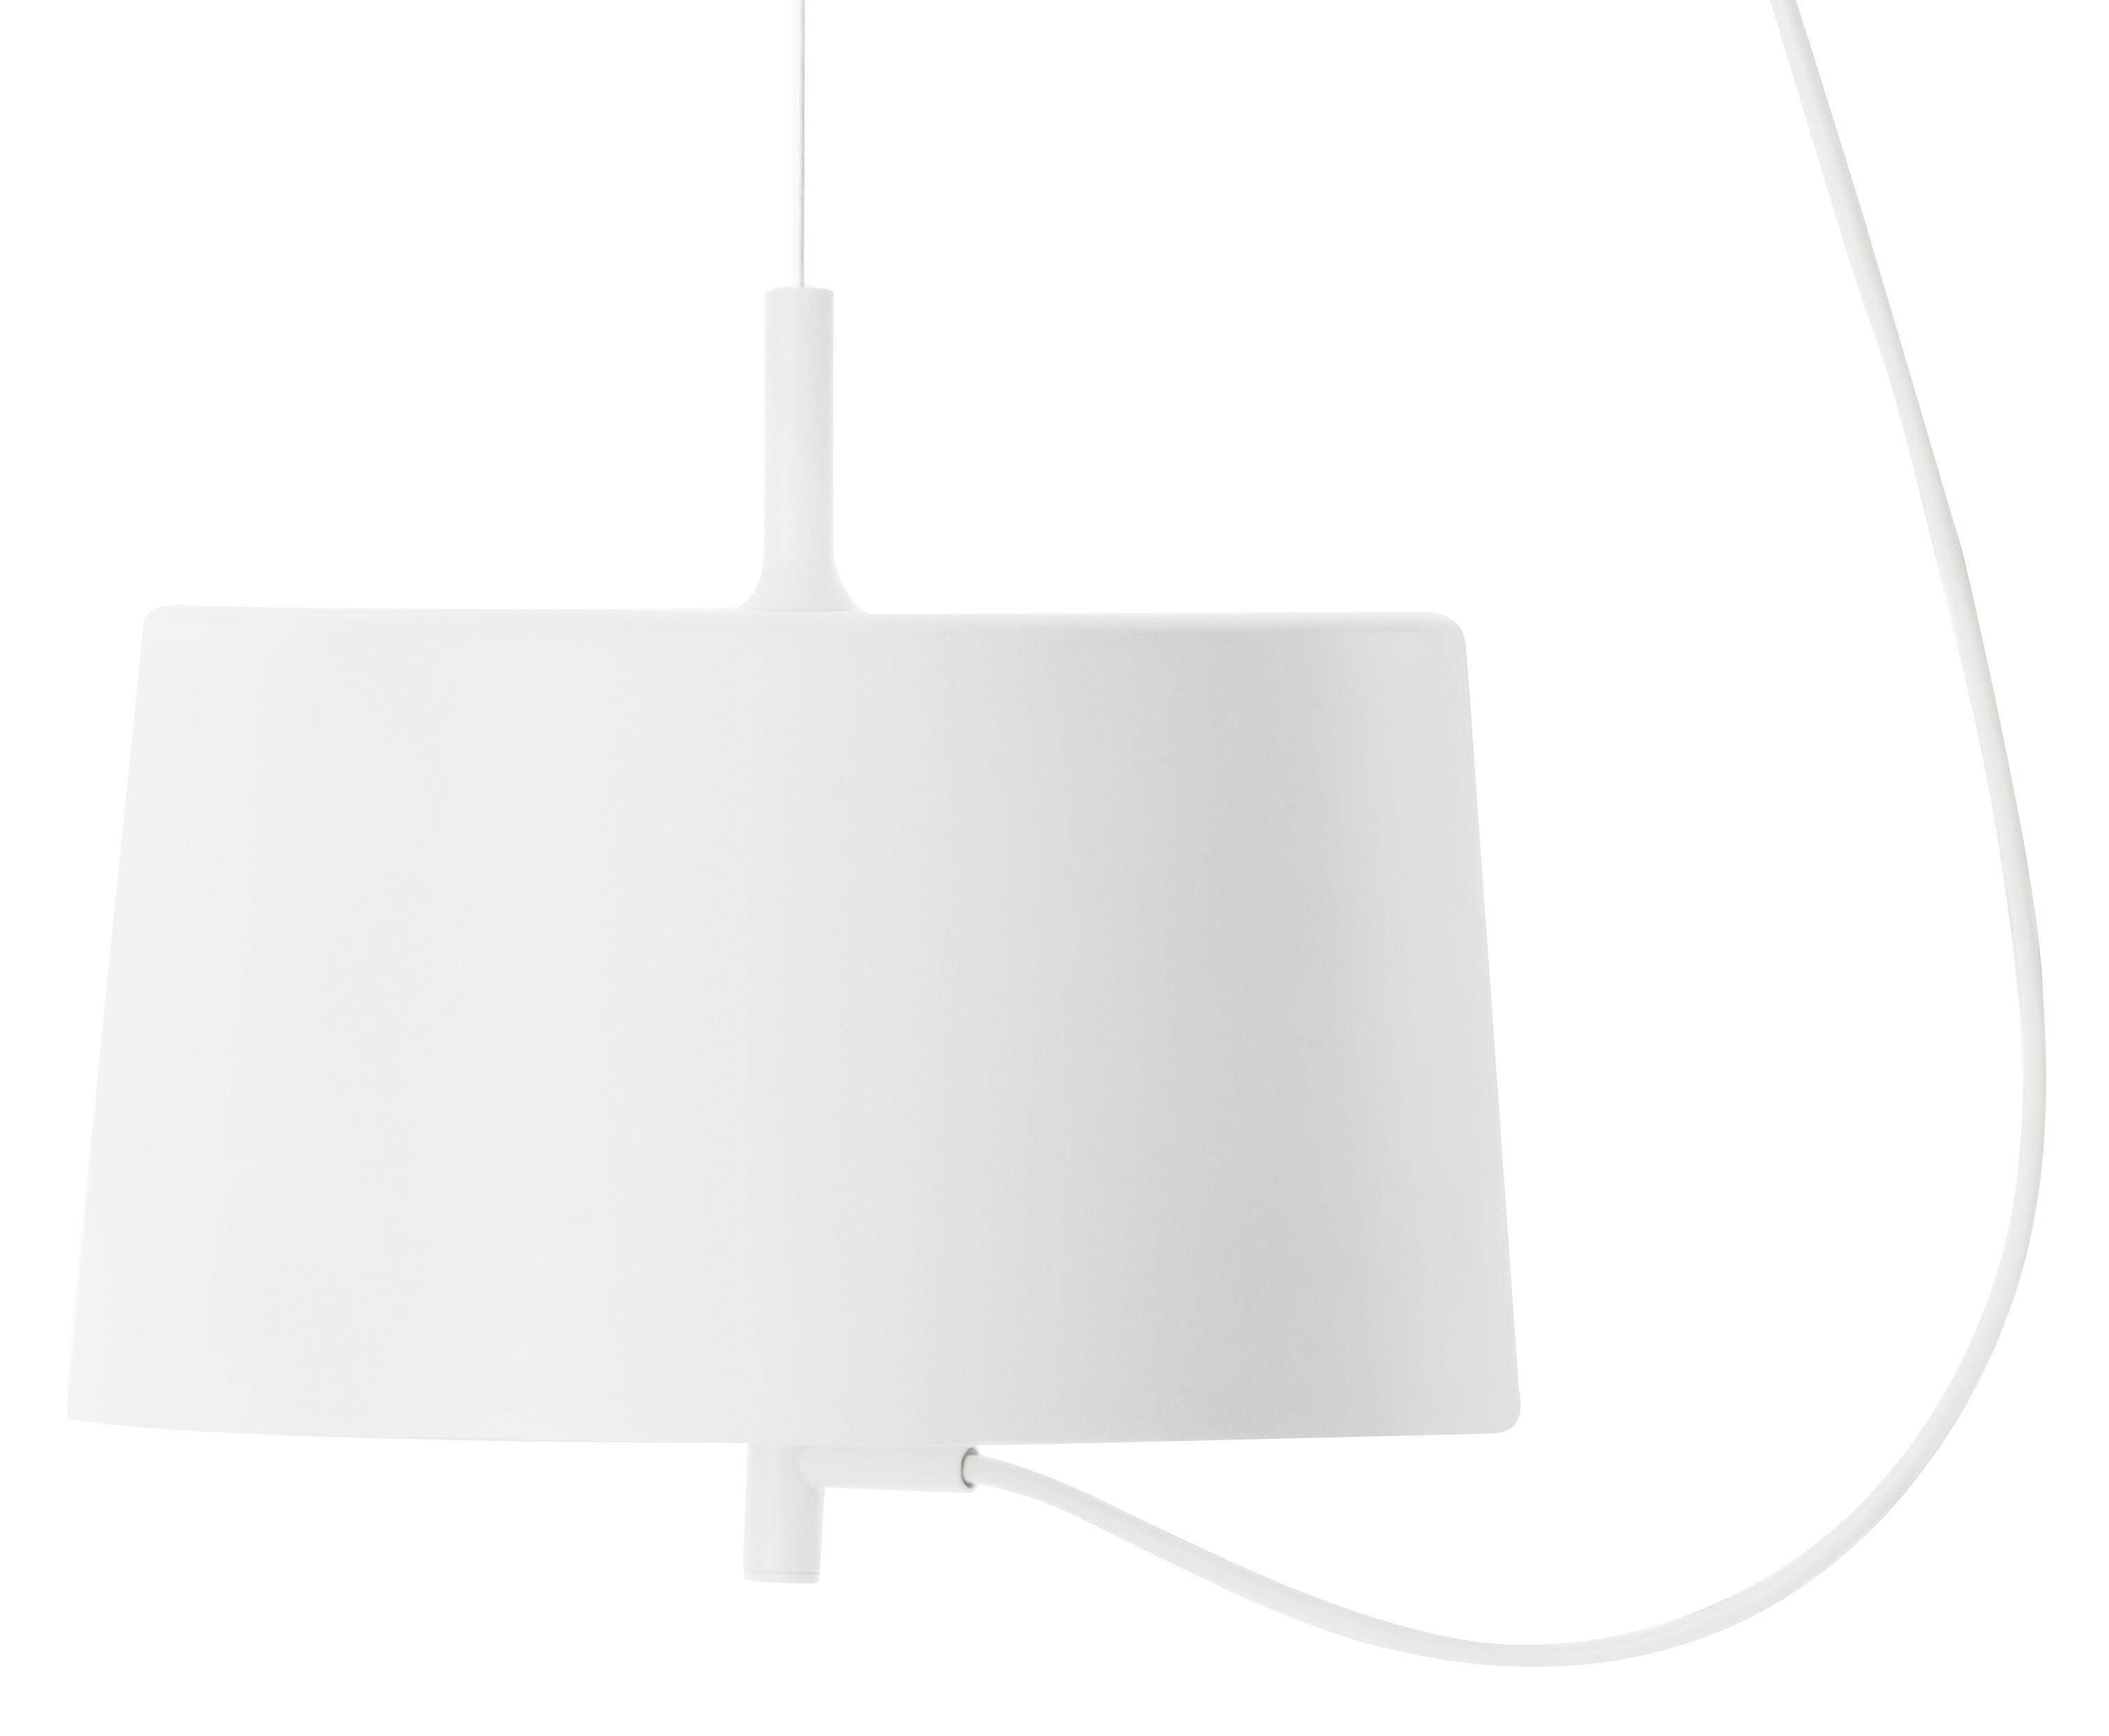 Lighting - Pendant Lighting - Nendo Cylinder w132s Pendant - Ø 28,5 cm by Wästberg - White - Steel